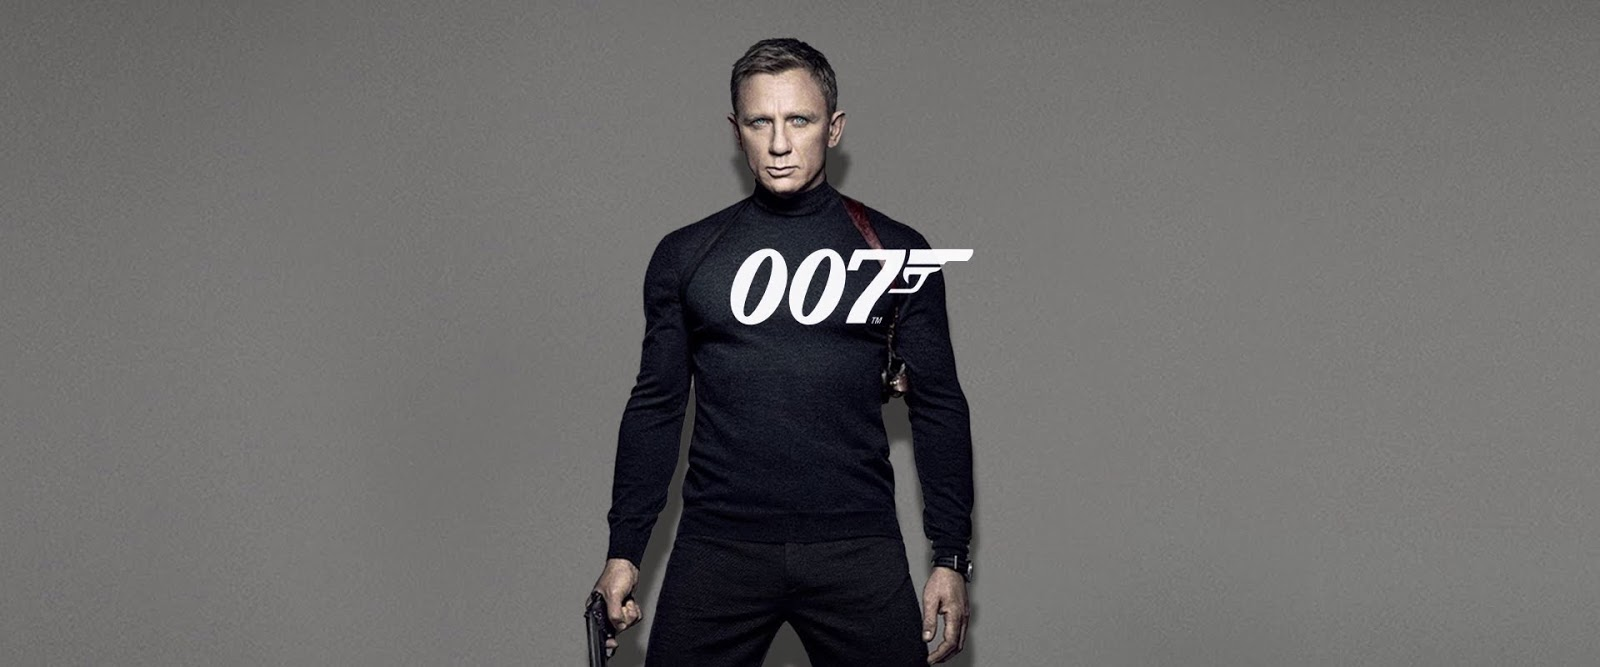 007-longa-contrata-novo-diretor